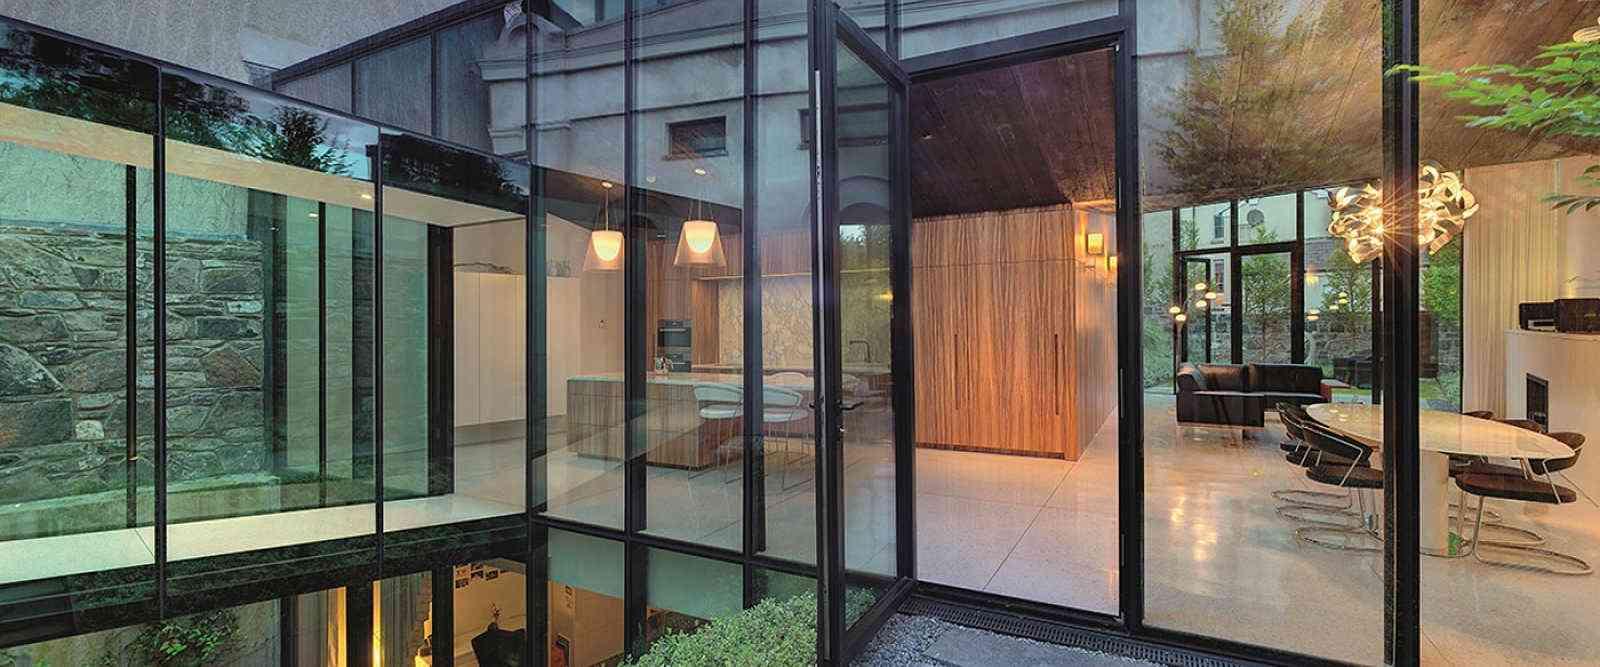 Raynaers Cs104 Aluminium Entrance Doors Marlin Windows Keighley